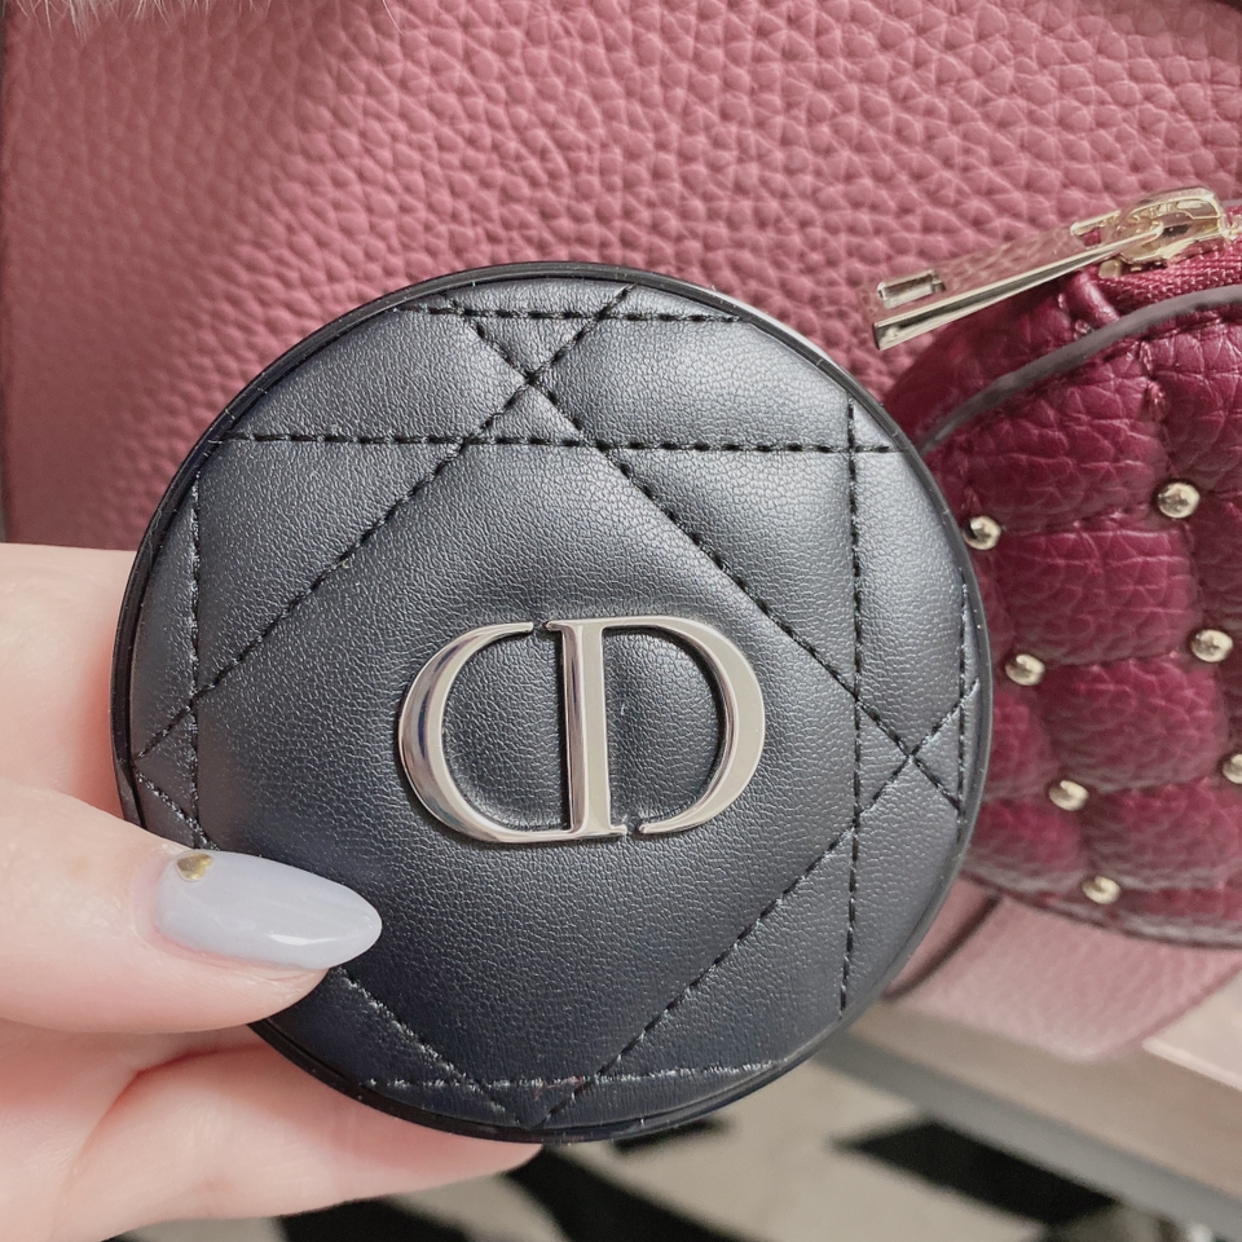 Dior(ディオール)スキン フォーエバー クッションを使ったみるたさんのクチコミ画像